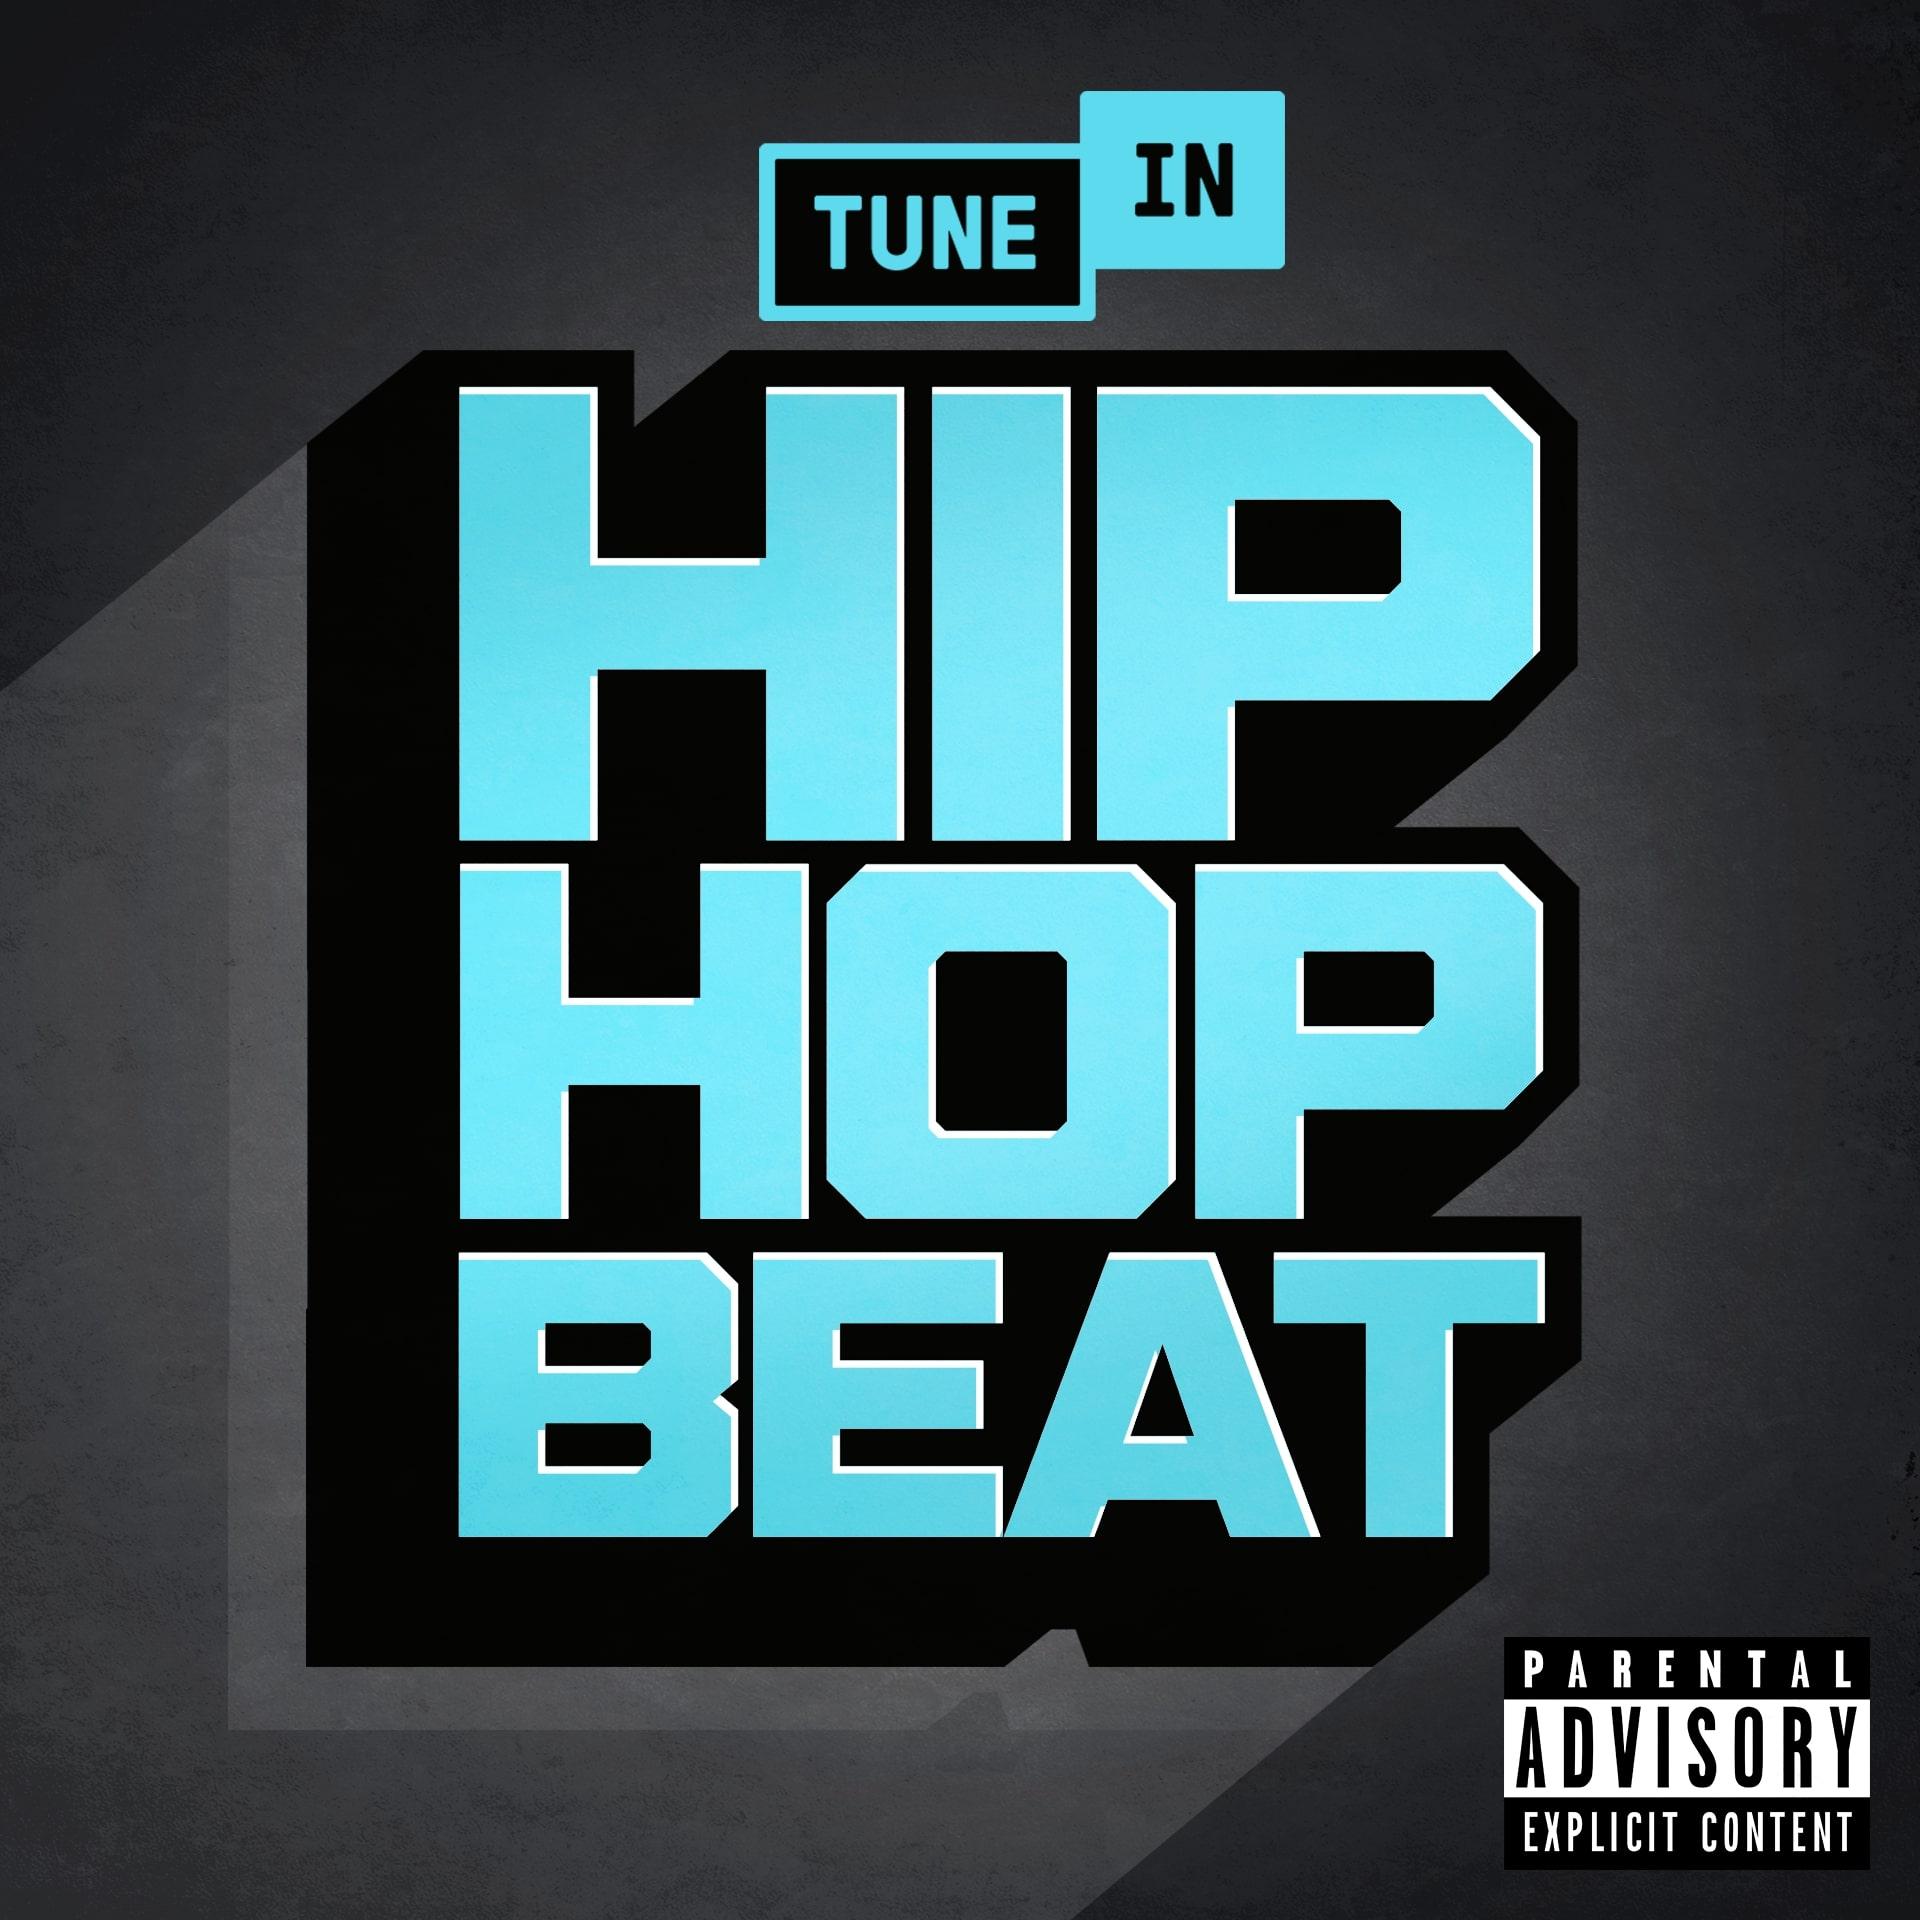 assets/img/shared/tiles/hip-hop-beat-small.jpg